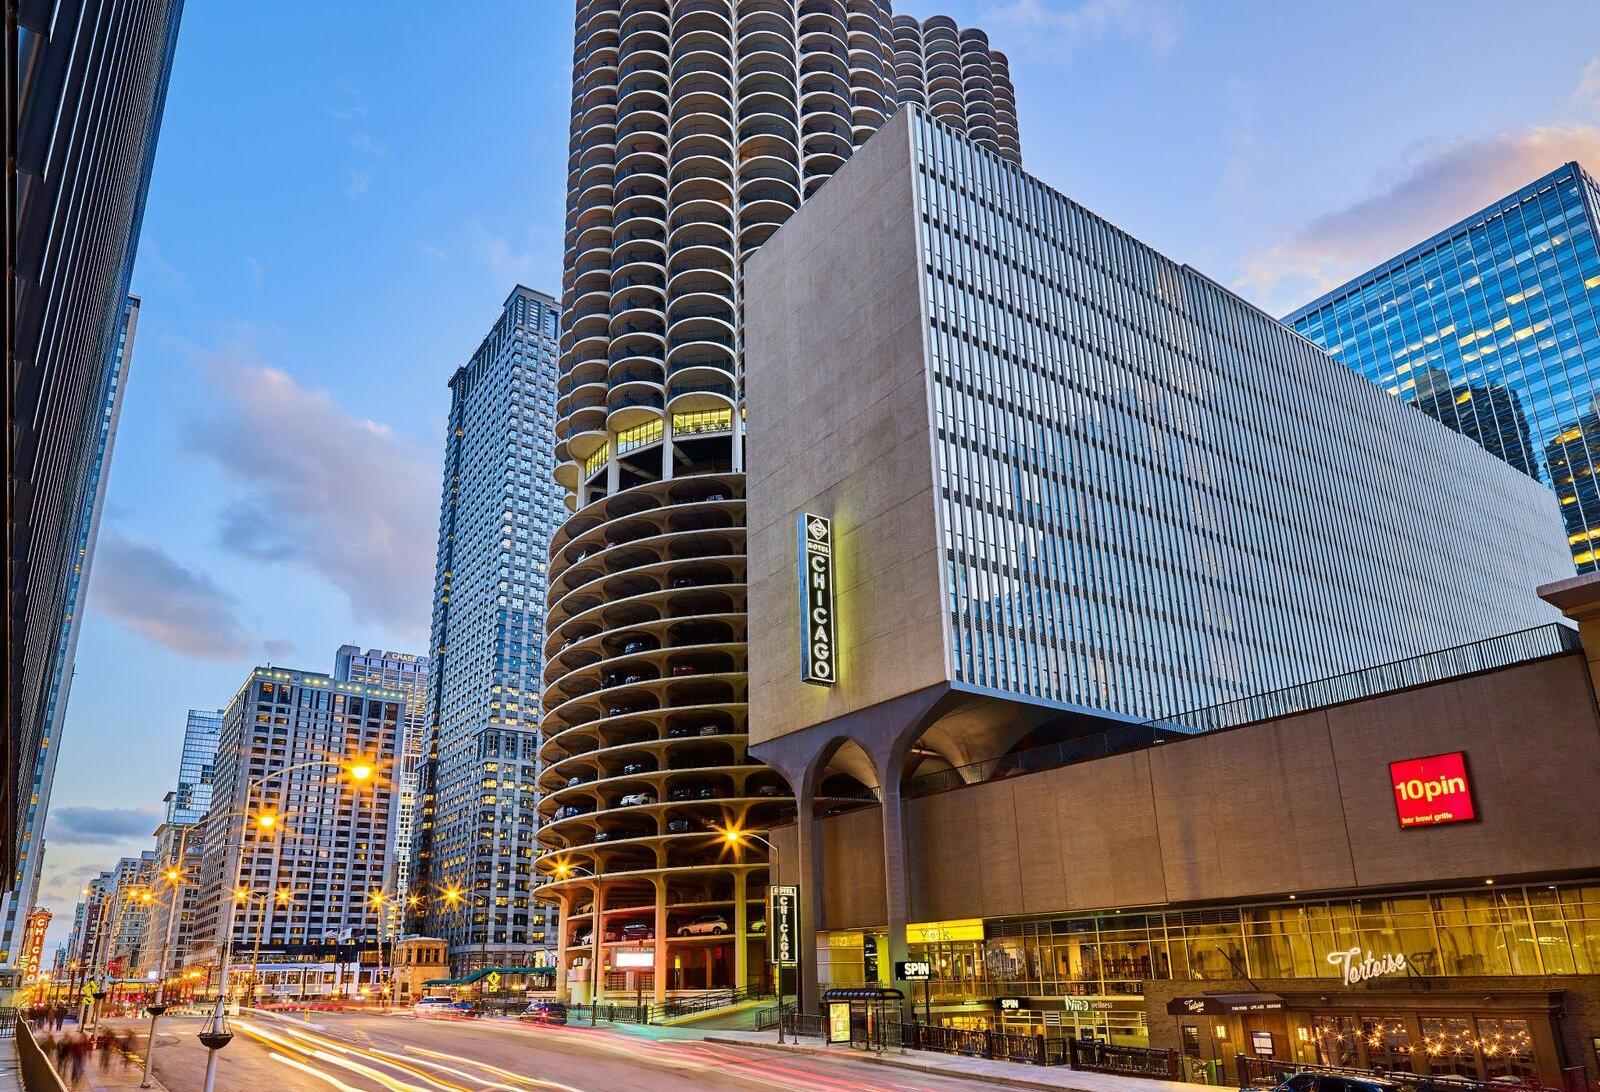 Hotel-Chicago-Exterior